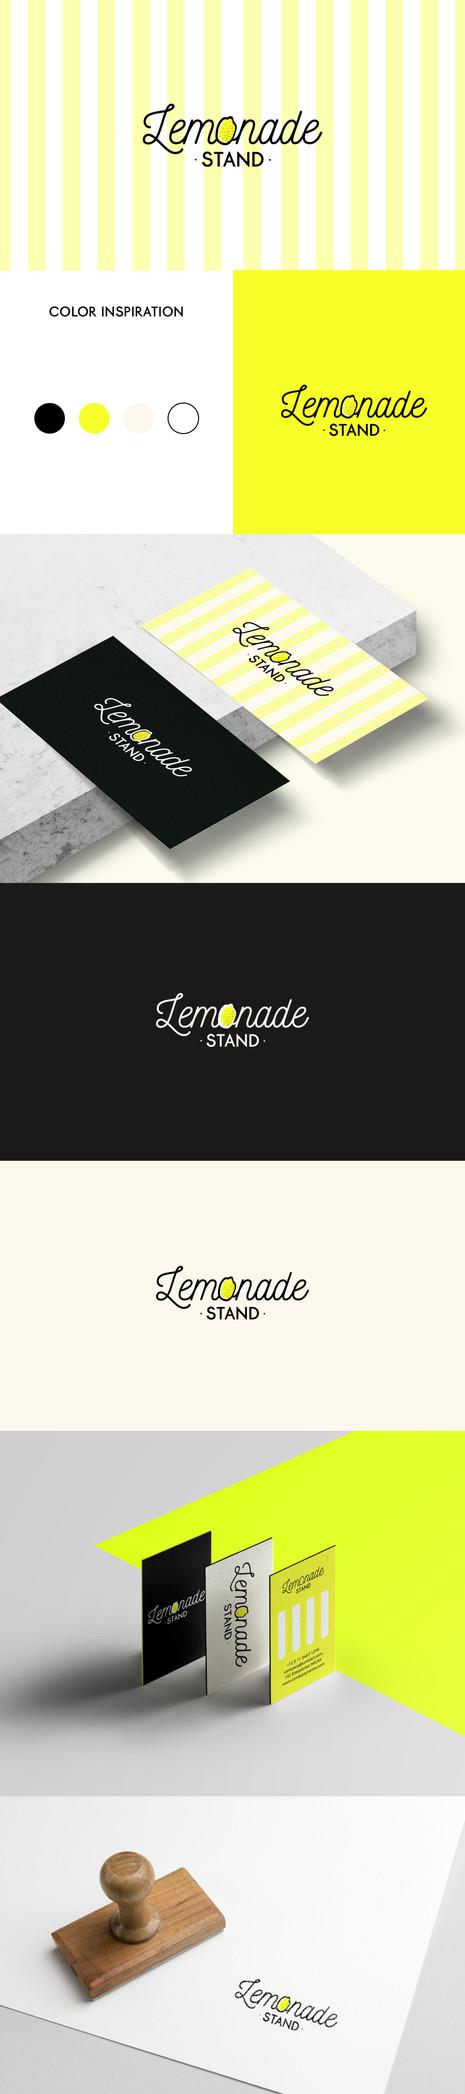 LEMONADE STAND LOGO DESIGN